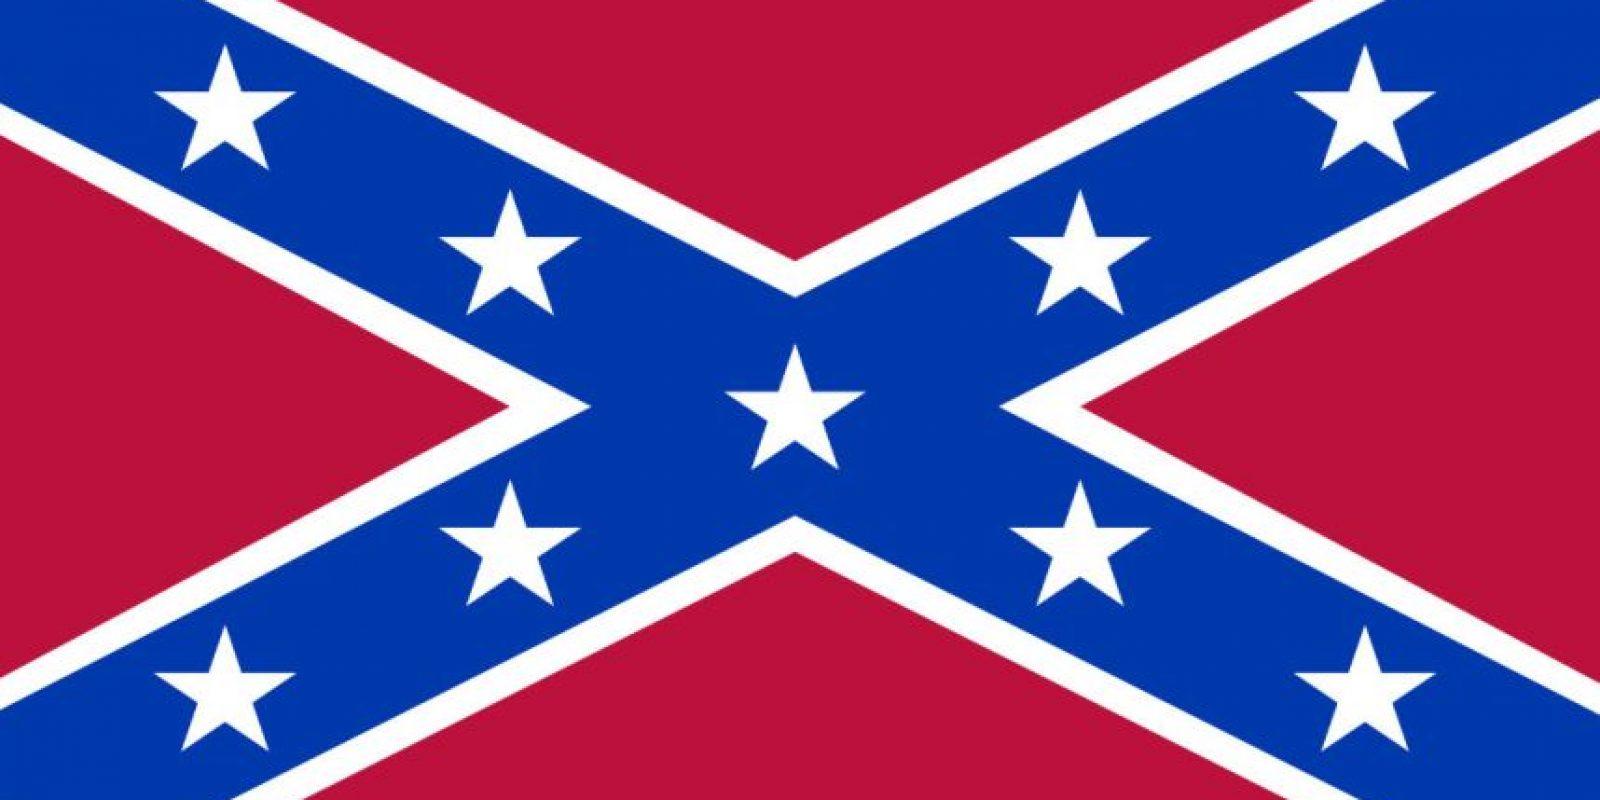 Tim Cook, CEO de Apple, habló recientemente en contra de mostrar la bandera de la Confederación, por lo que esta medida era de esperarse. Foto:Wikicommons